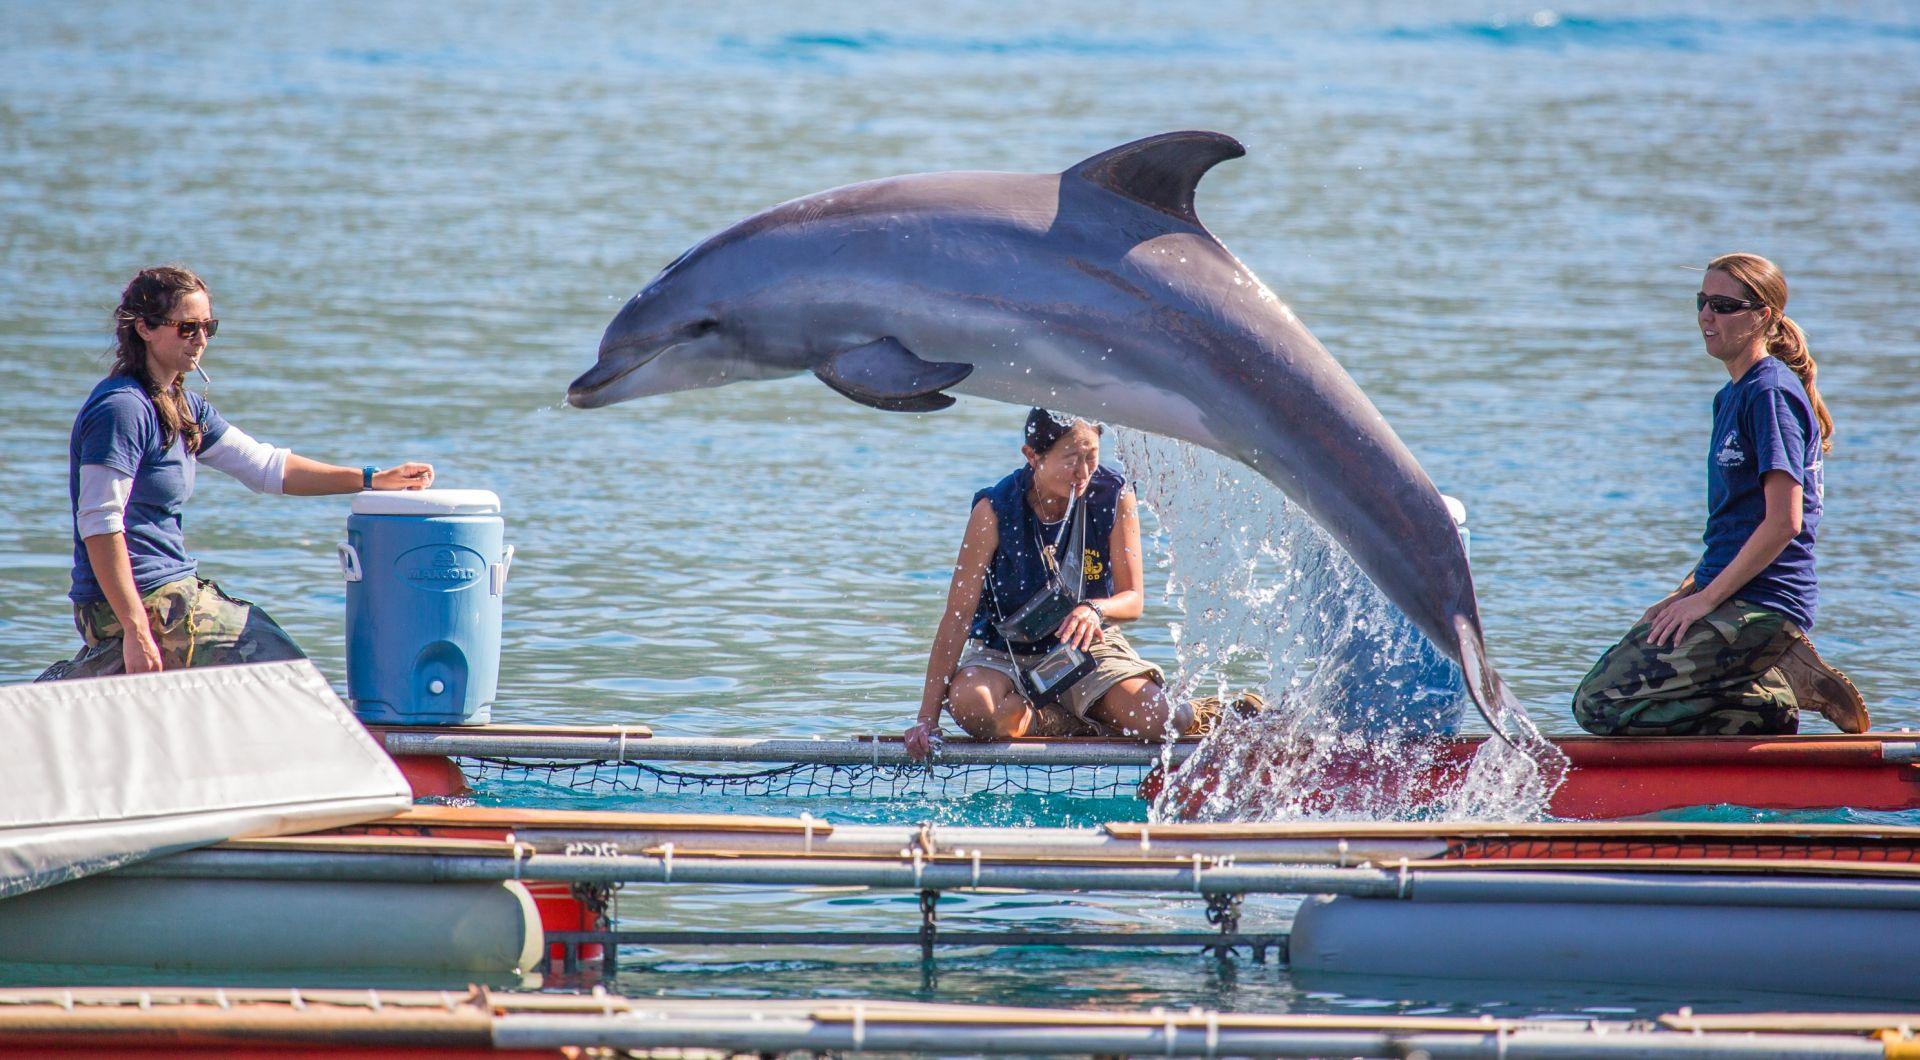 SPECIJALNA POSTROJBA: Rusija raspisala natječaj, traže pet delfina za vojne svrhe